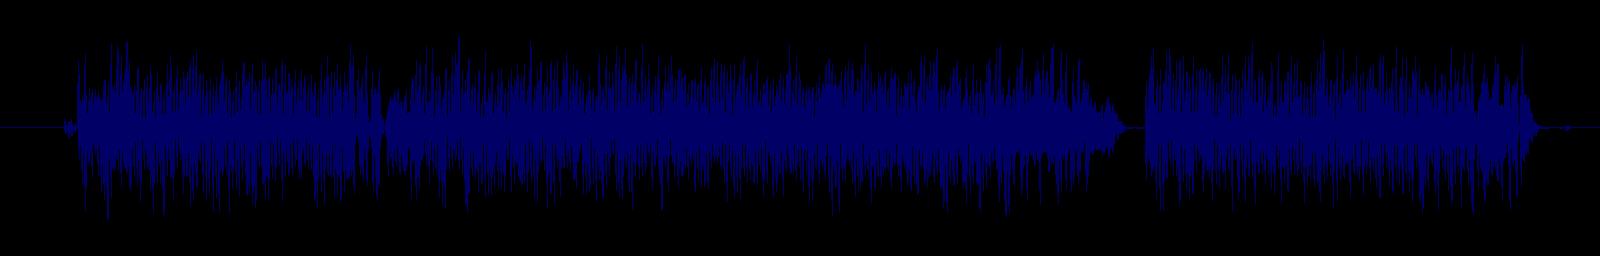 waveform of track #96448